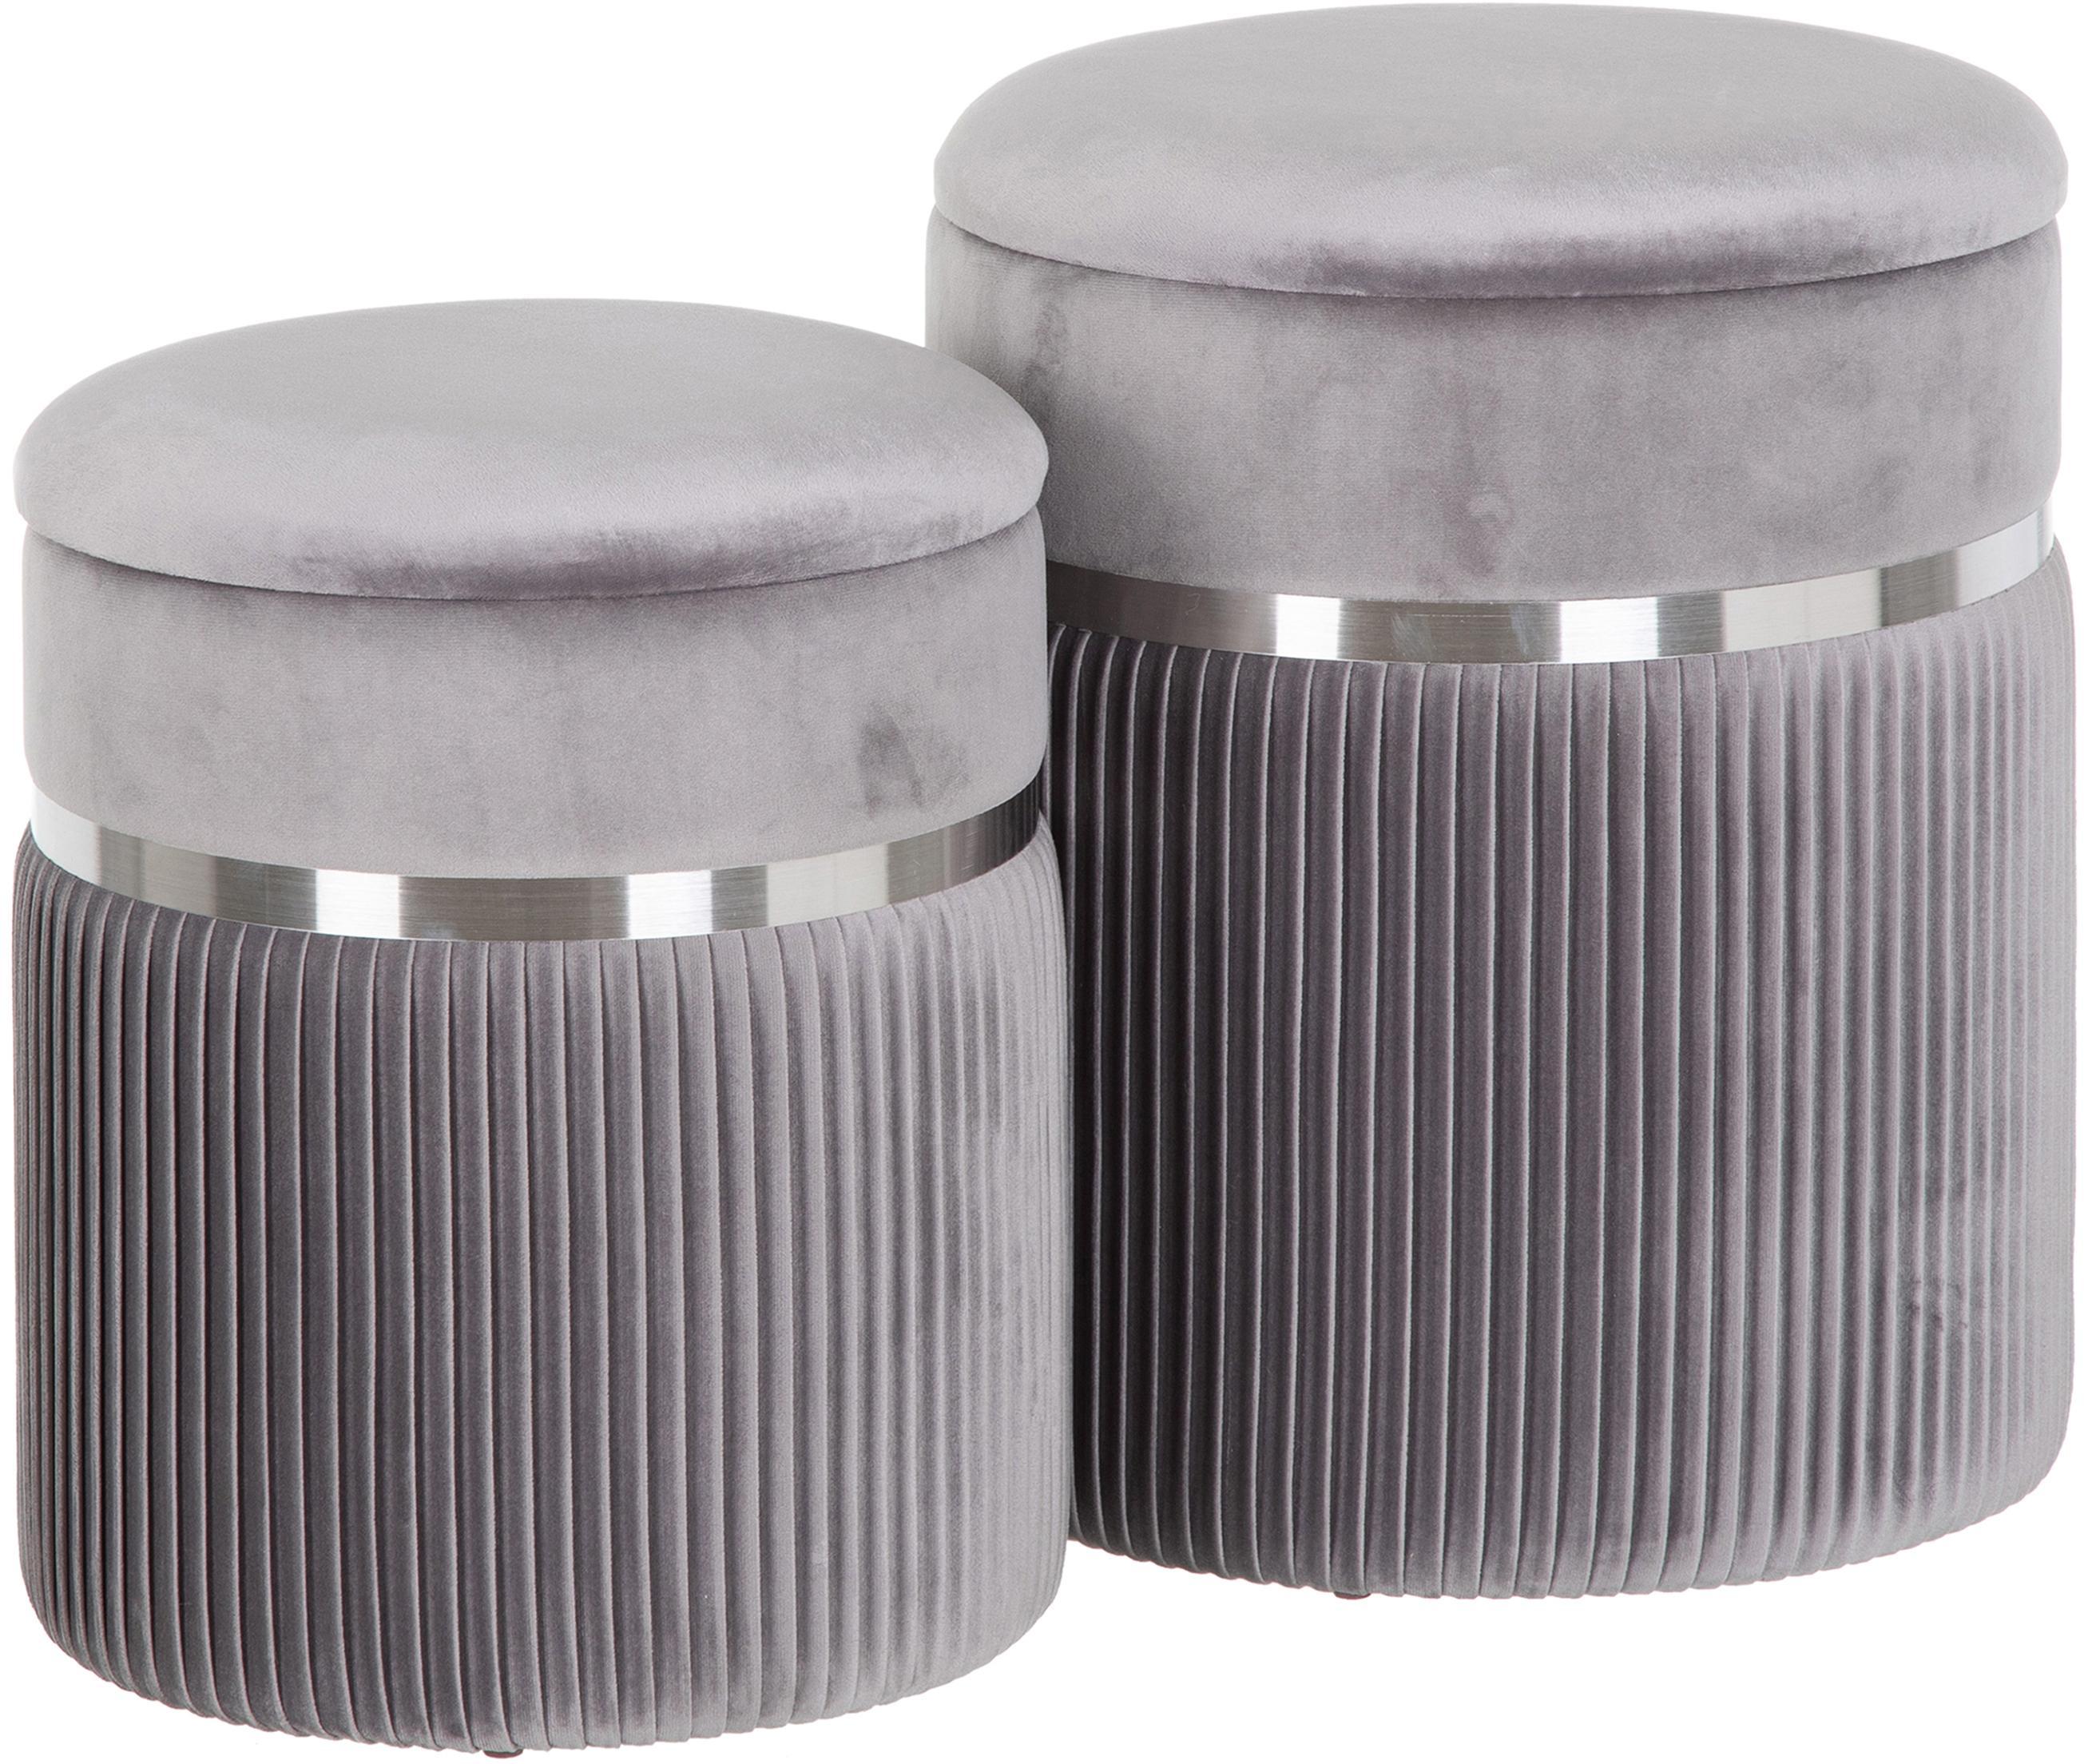 Set 2 pouf contenitori in velluto Chest, Rivestimento: poliestere (velluto), Sottostruttura: legno, Grigio, argentato, Set in varie misure